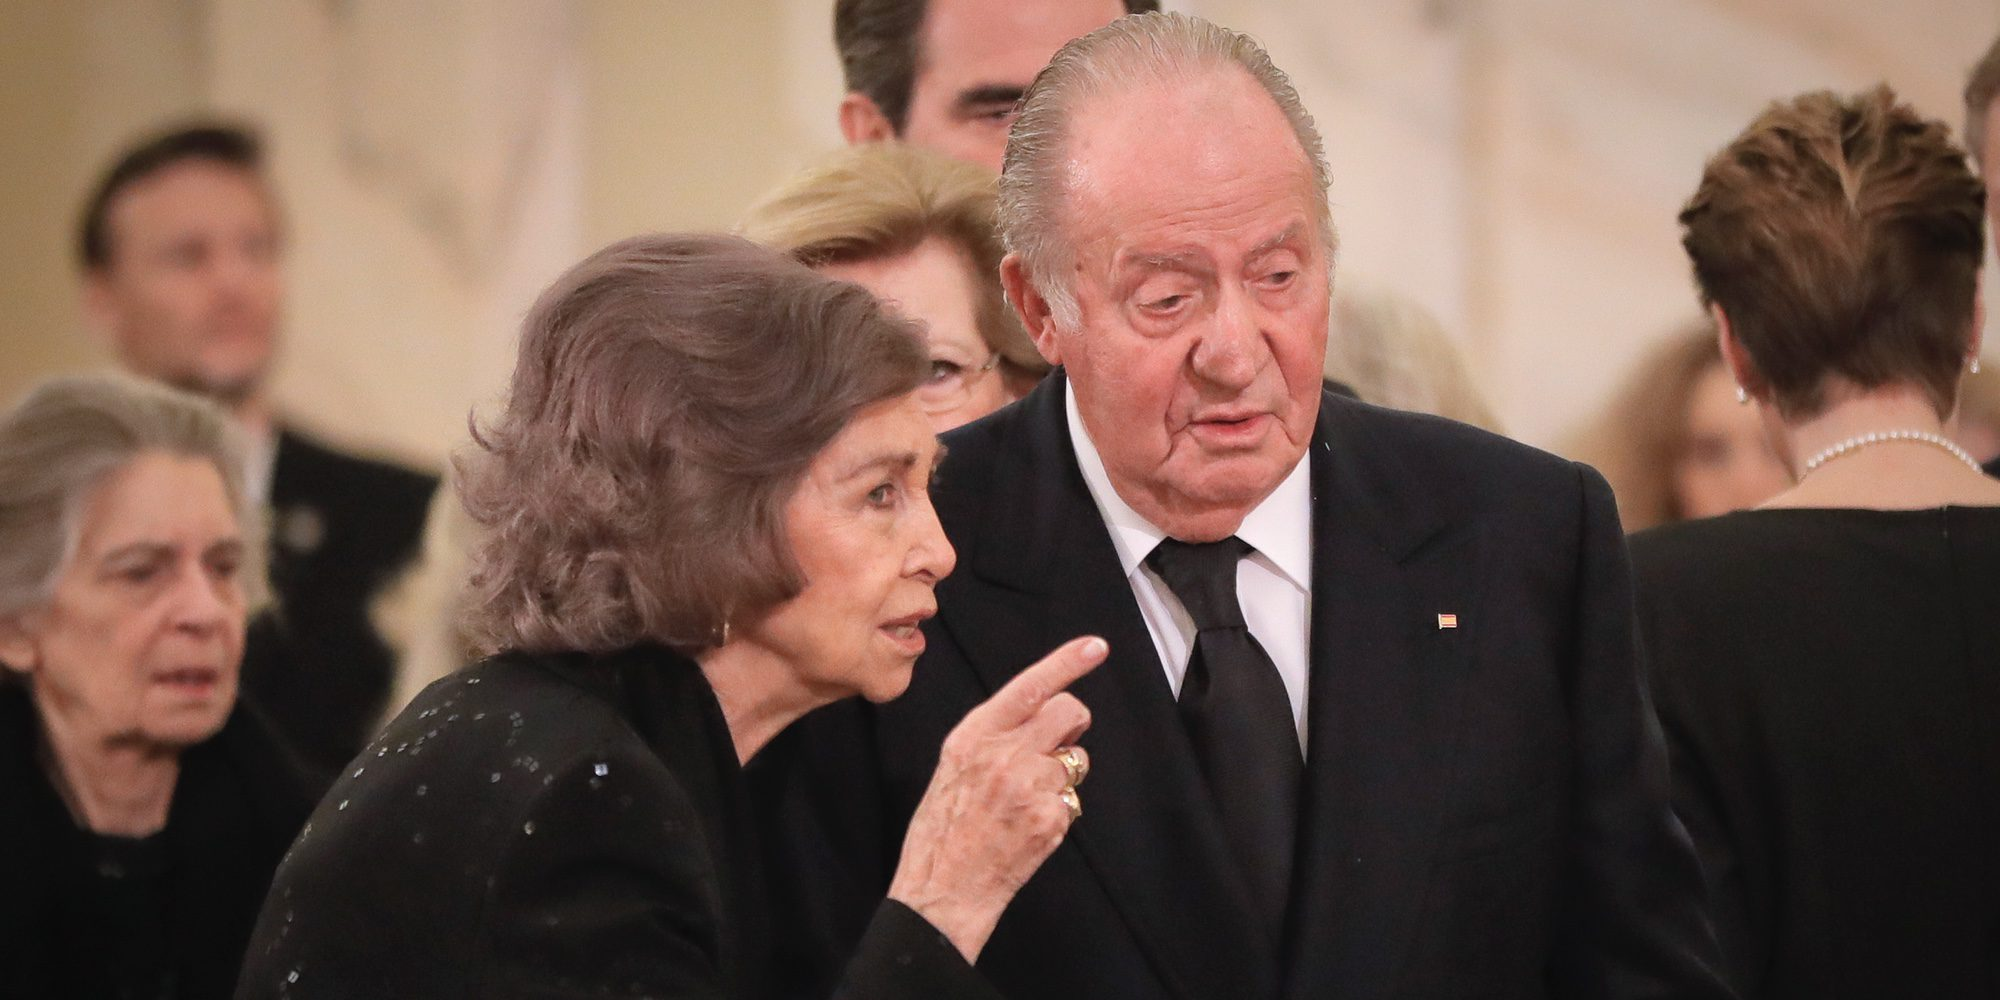 Una desolada Reina Sofía recibe el apoyo del Rey Juan Carlos en el funeral de Miguel de Rumanía